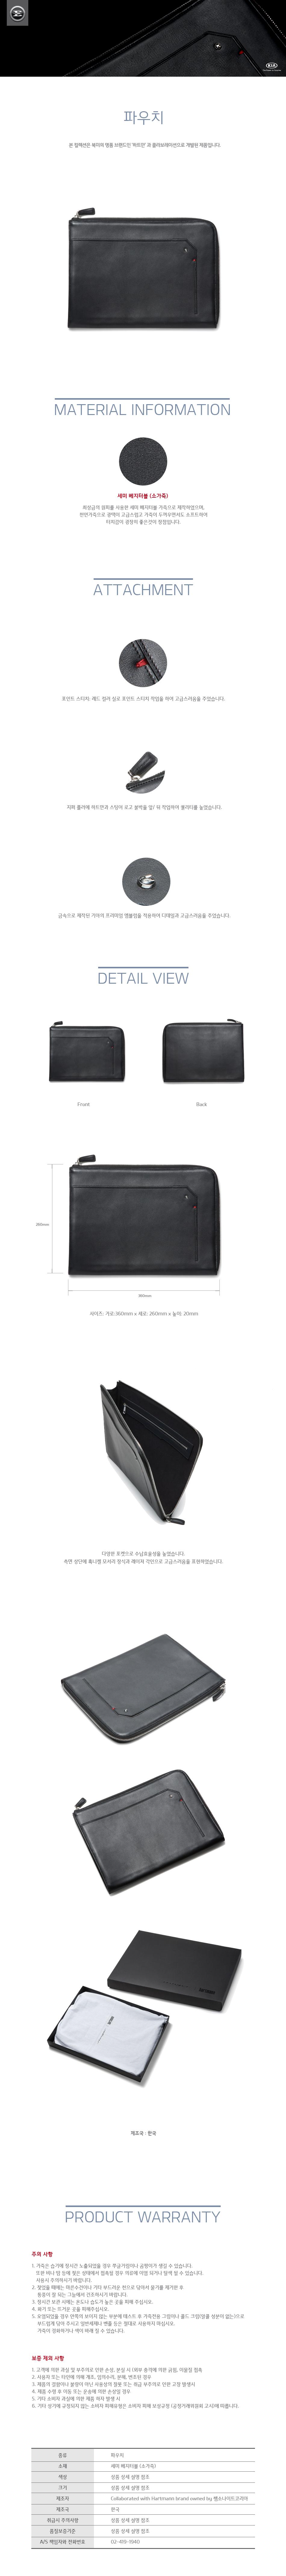 스팅어 가죽파우치 - 기아브랜드컬렉션, 279,000원, 다용도파우치, 지퍼형